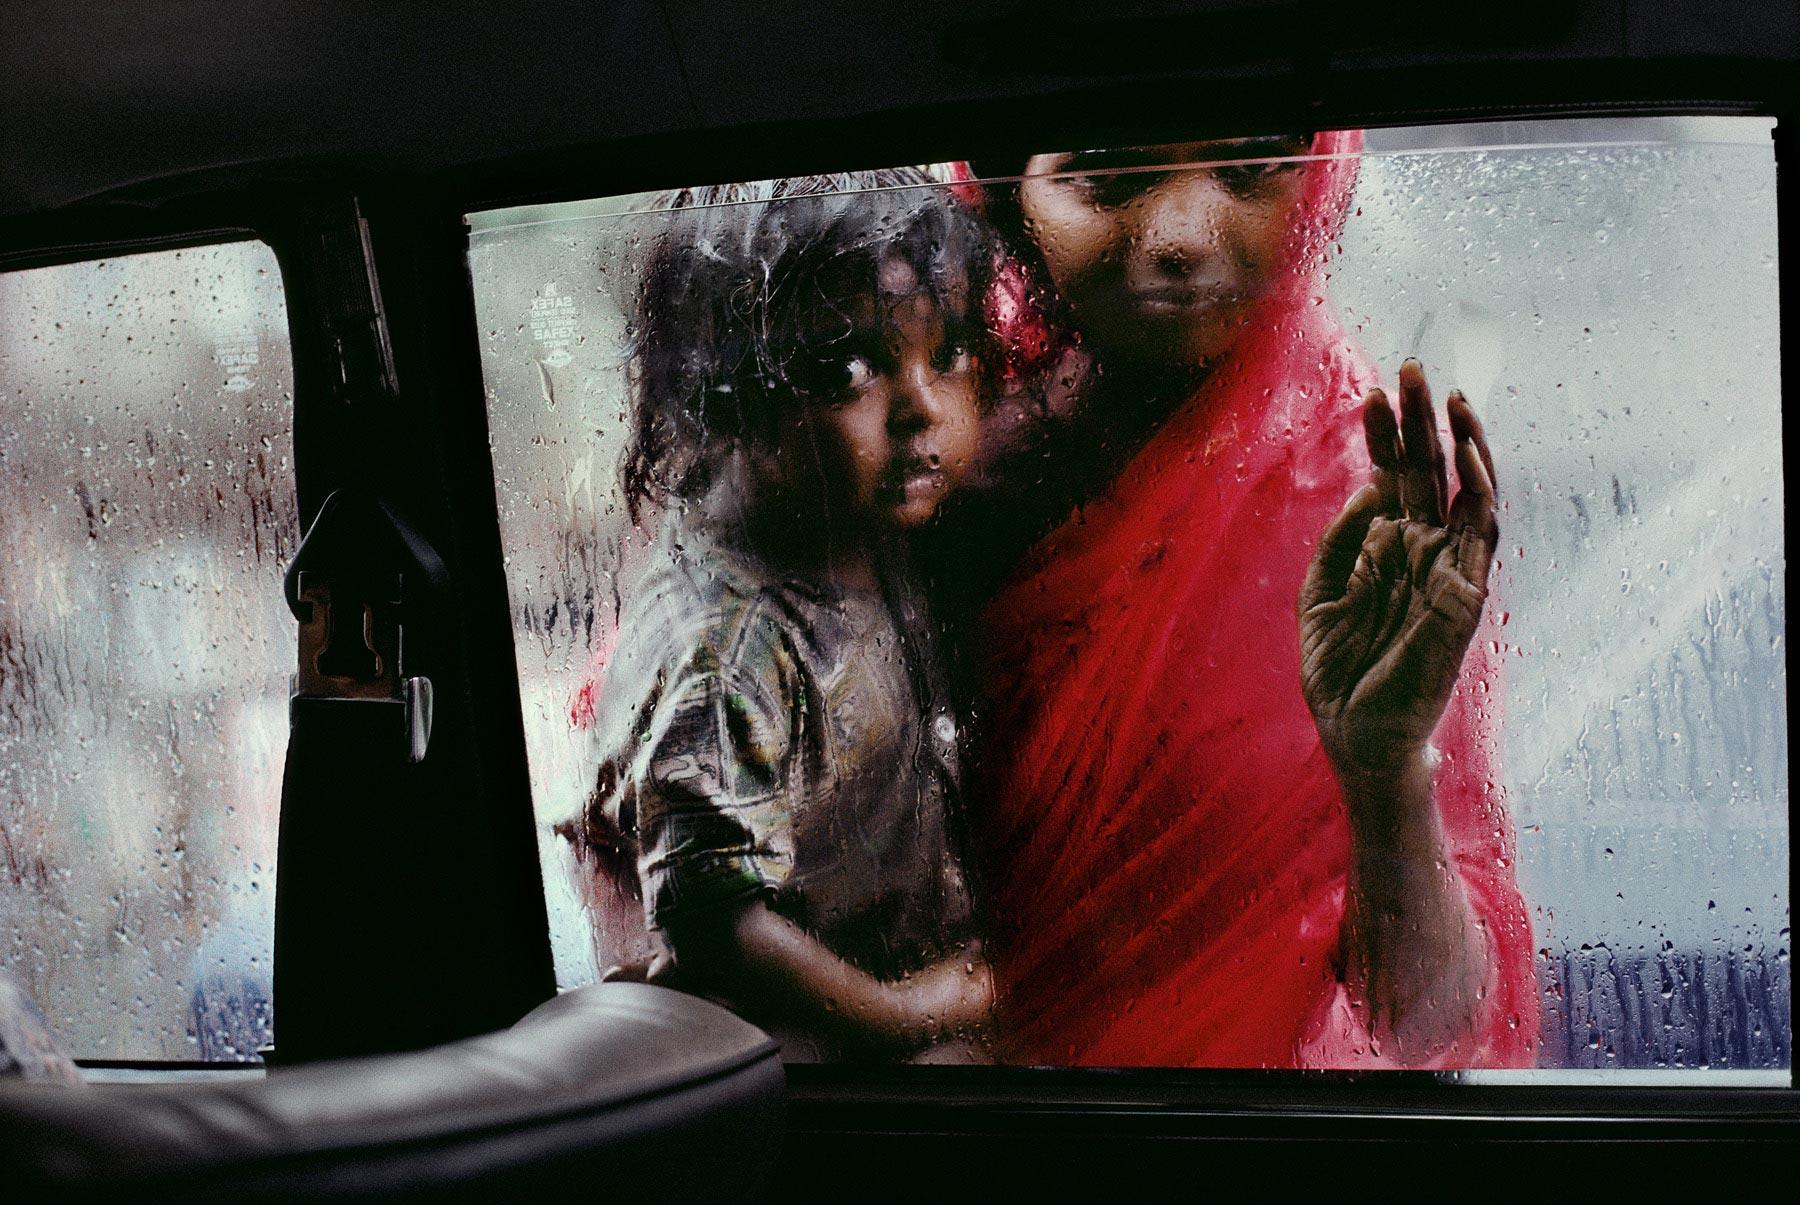 McCurry, Bombay, India, 1993